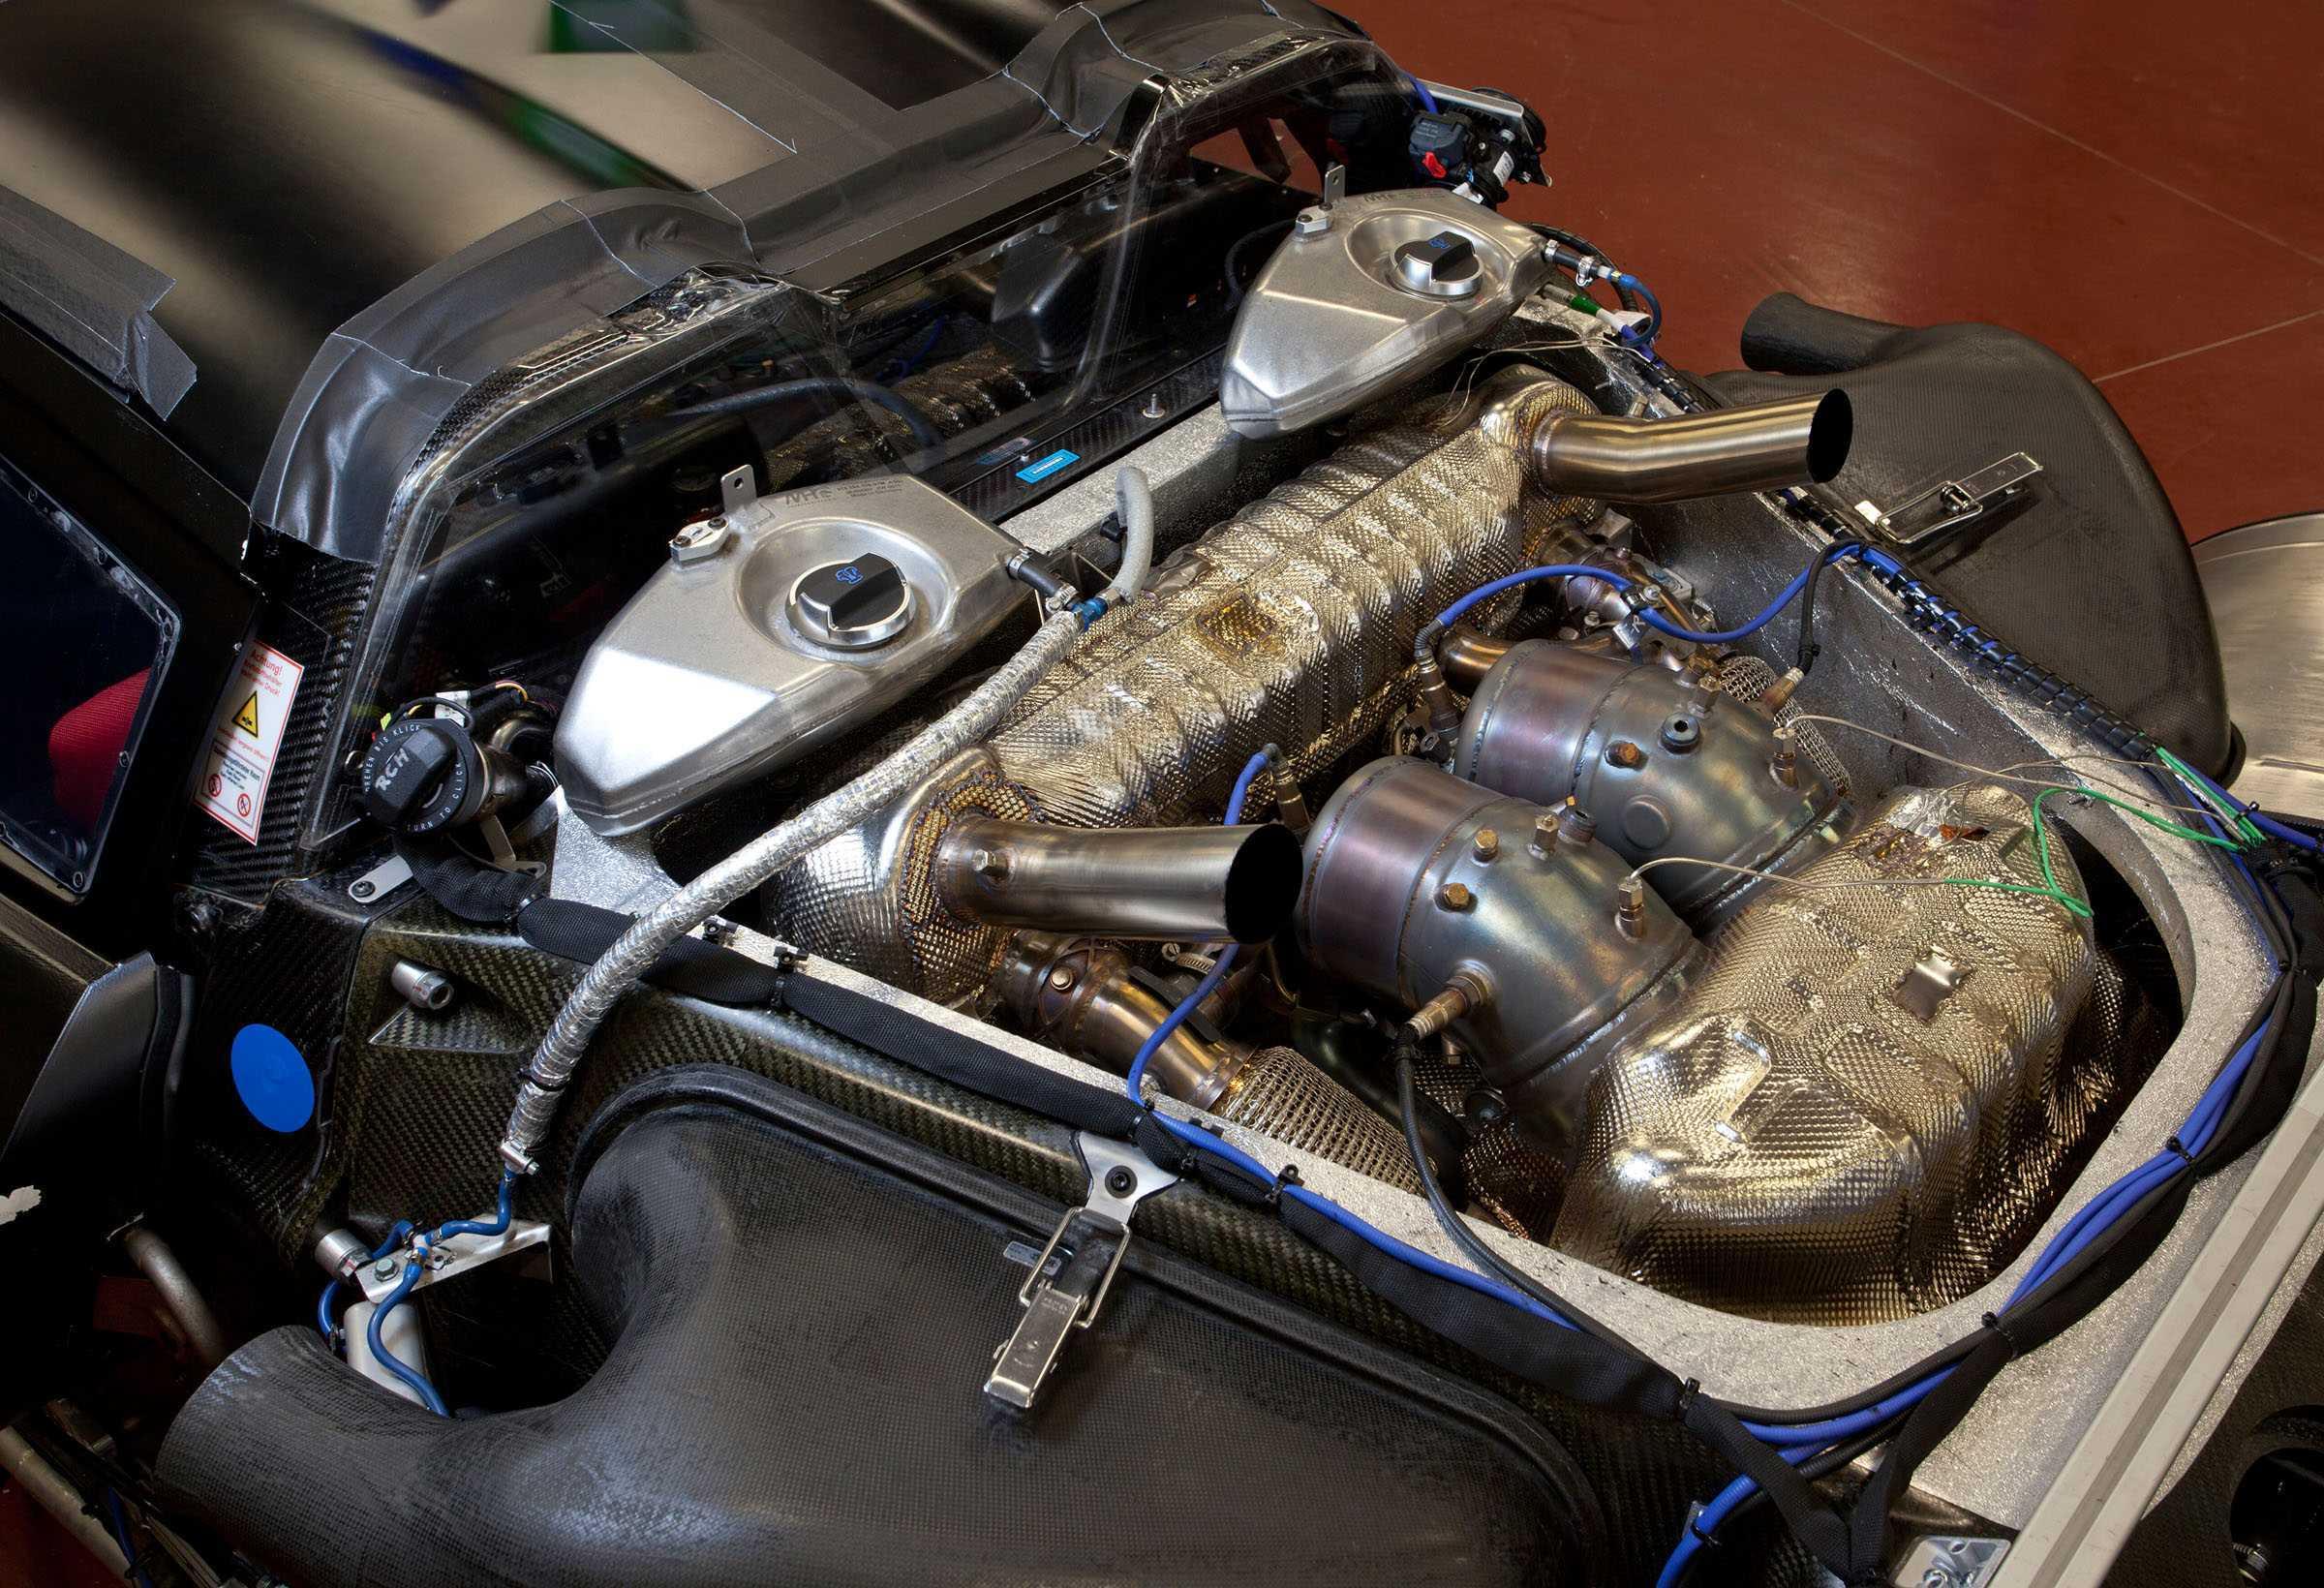 Die Auspuffanlage des 4,6-Liter-V8-Motors ist aus thermischen Gründen innen im Zylinder V angeordnet und mündet nach oben